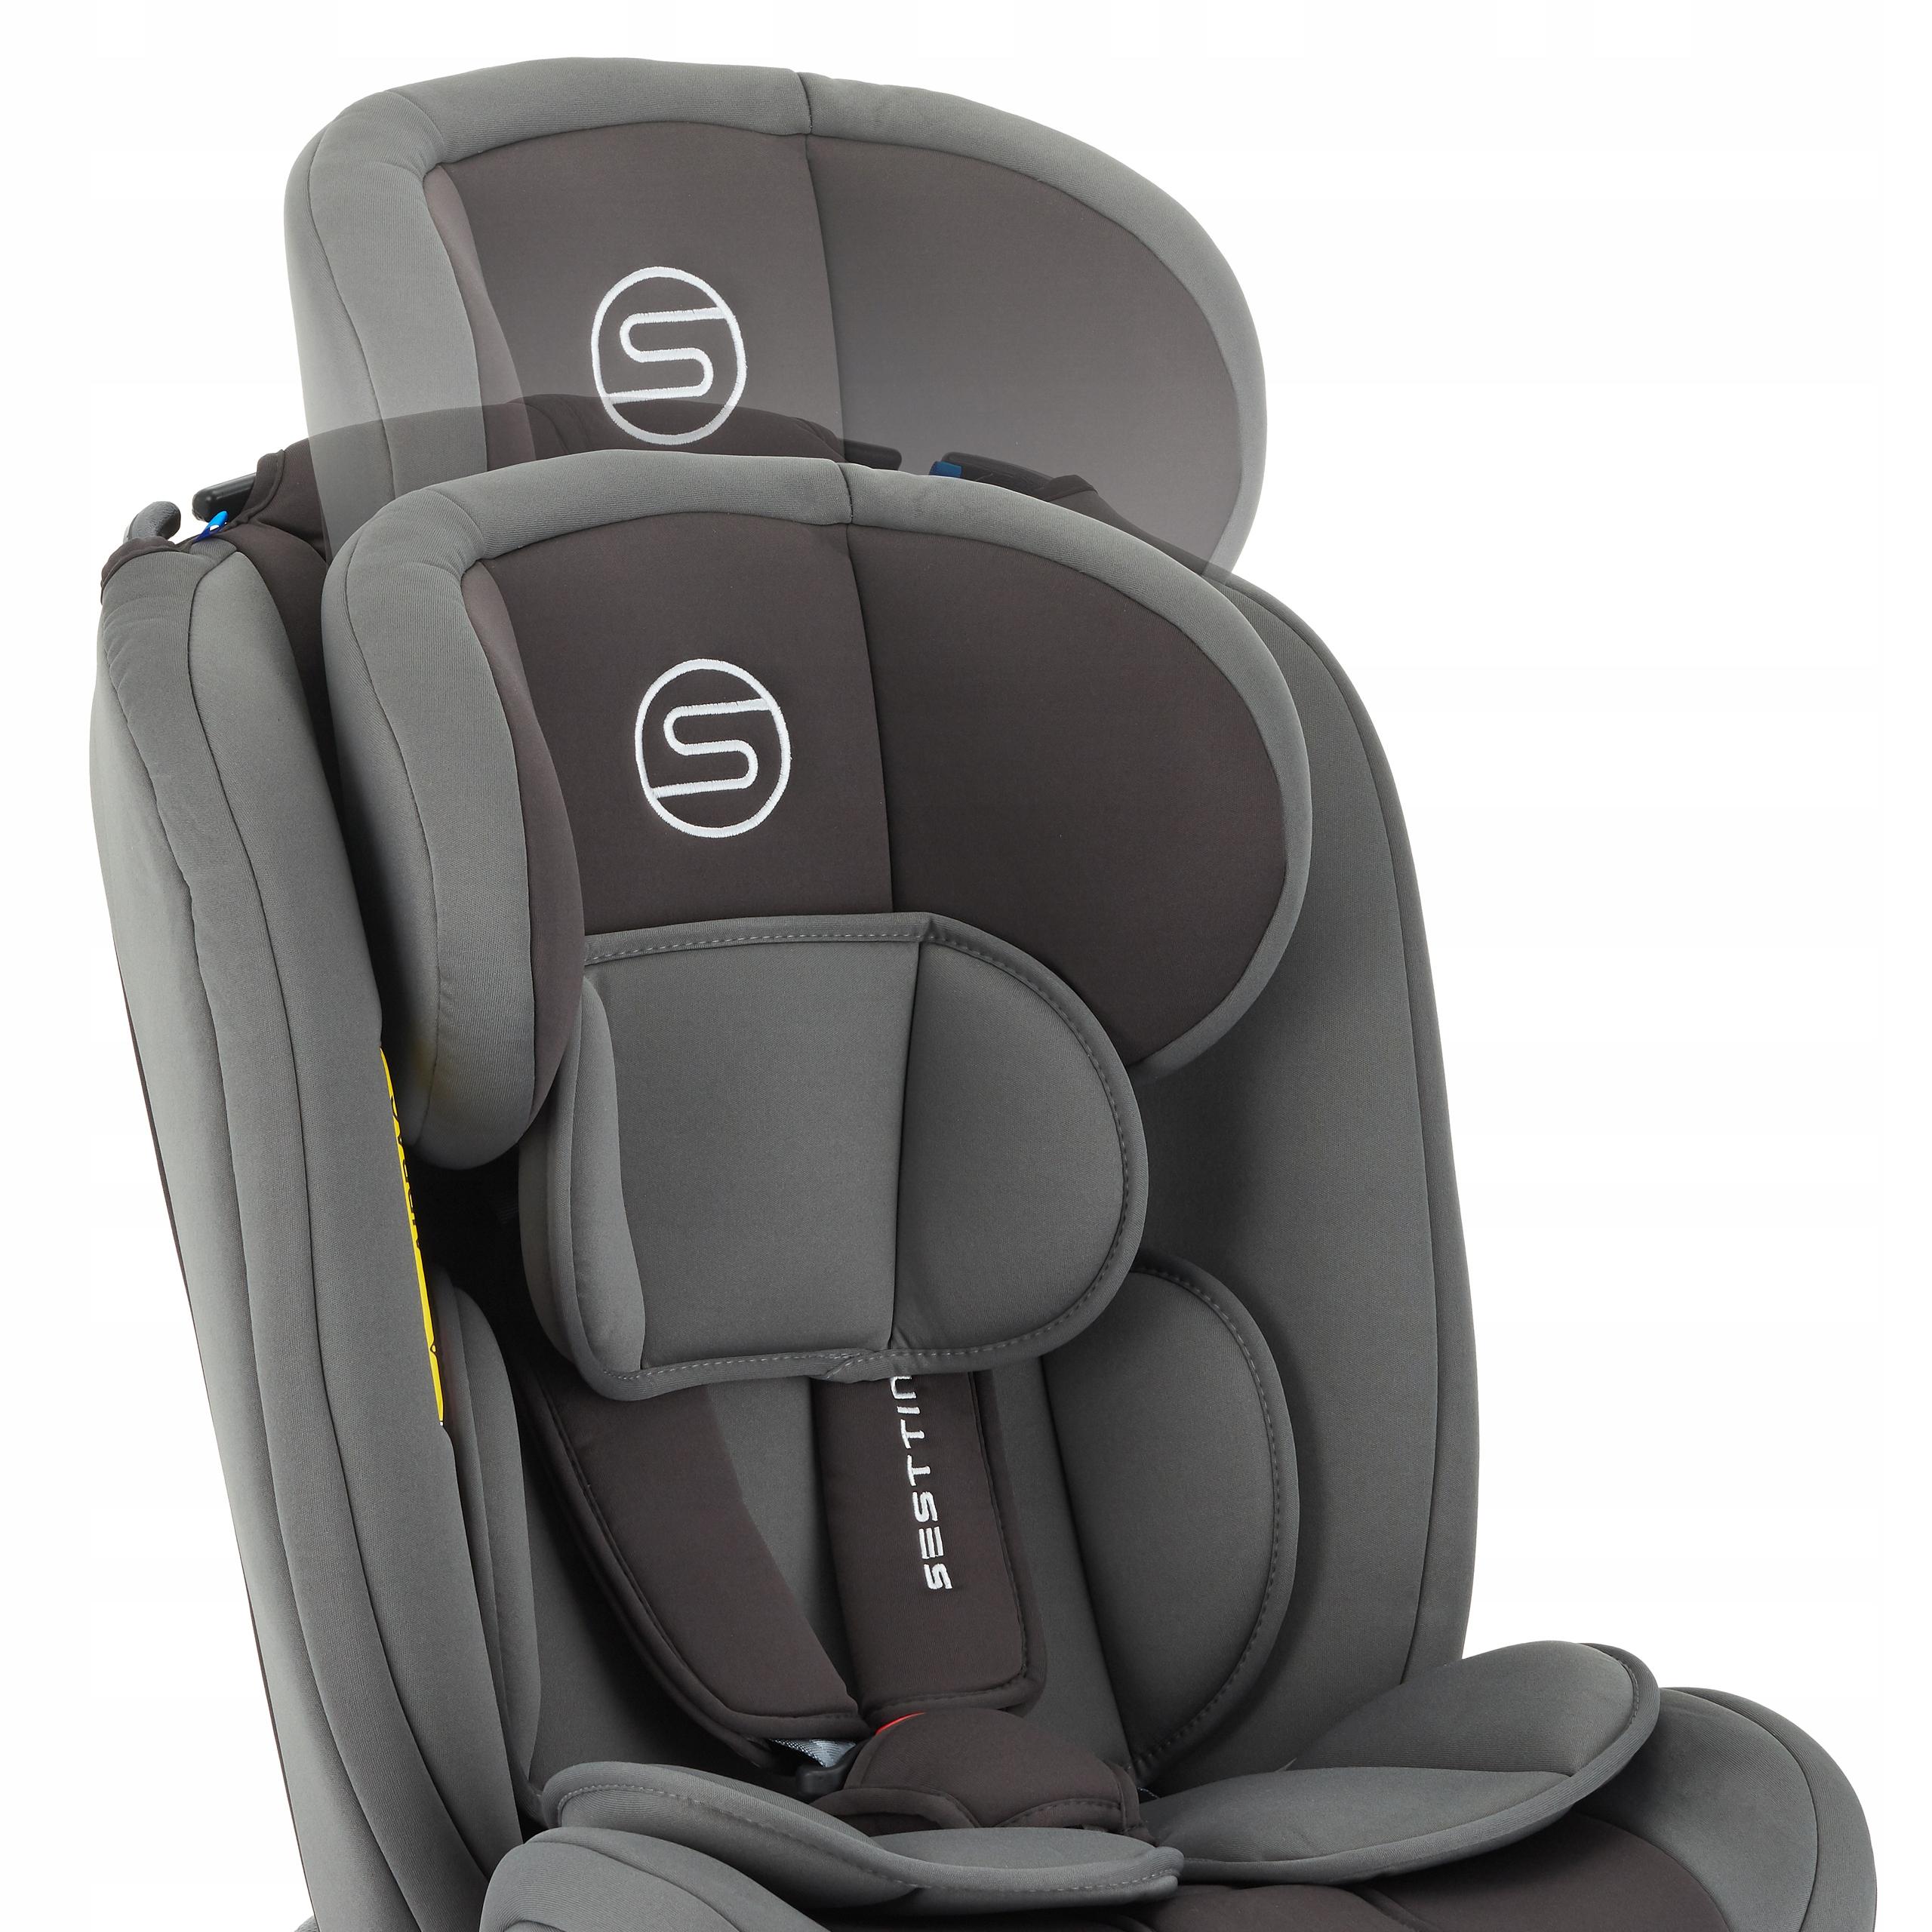 Fotelik samochodowy Sesttino Secure PRO 0-36kg Kolor odcienie szarości i srebra